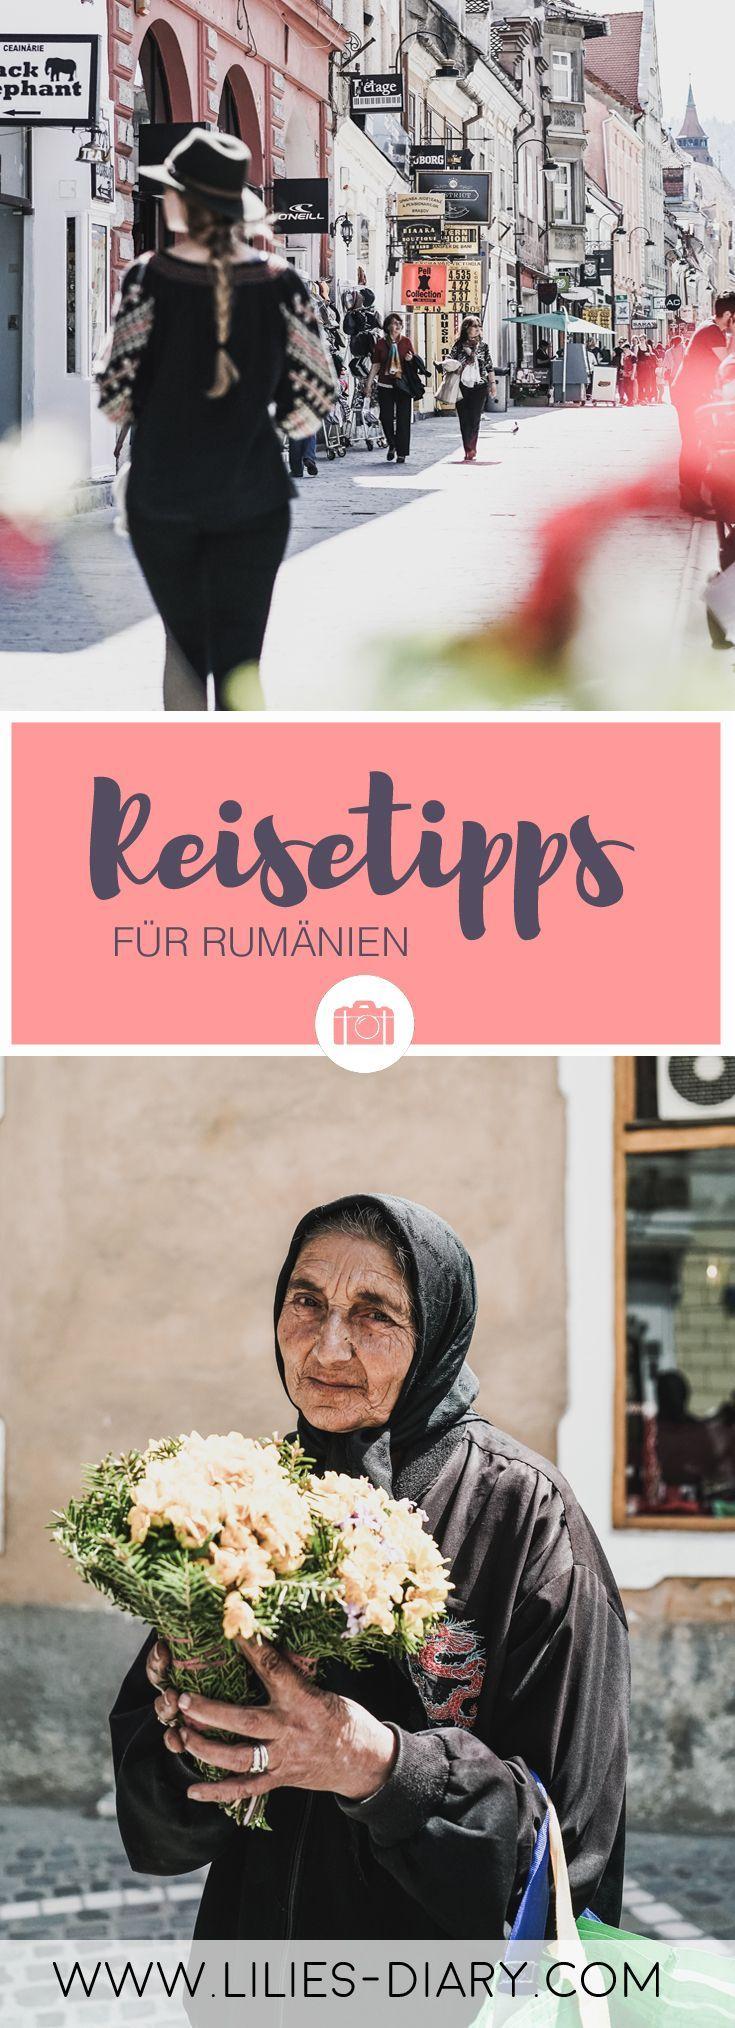 Reiseinspirationen für Rumänien. Die schönsten Fotos aus Siebenbürgen und Transilvanien! Außerdem Hermannstadt, Kronstadt und Bukarest!